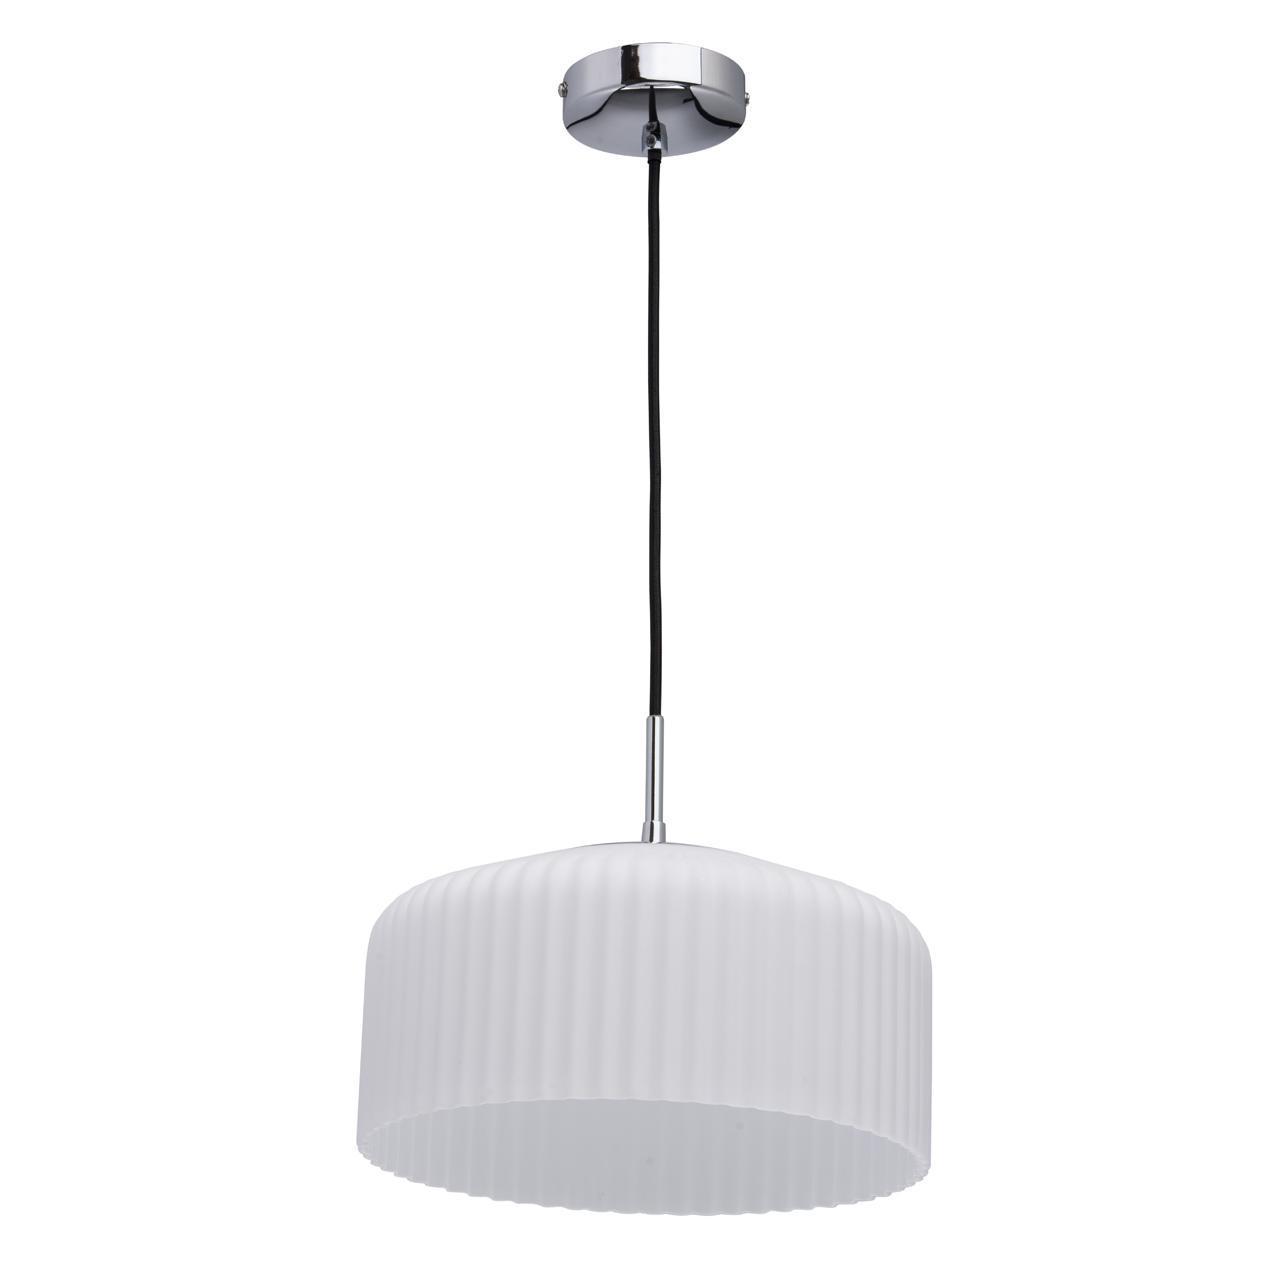 Подвесной светильник MW-Light Раунд 636011302 mw light подвесной светодиодный светильник mw light раунд 2 636011601